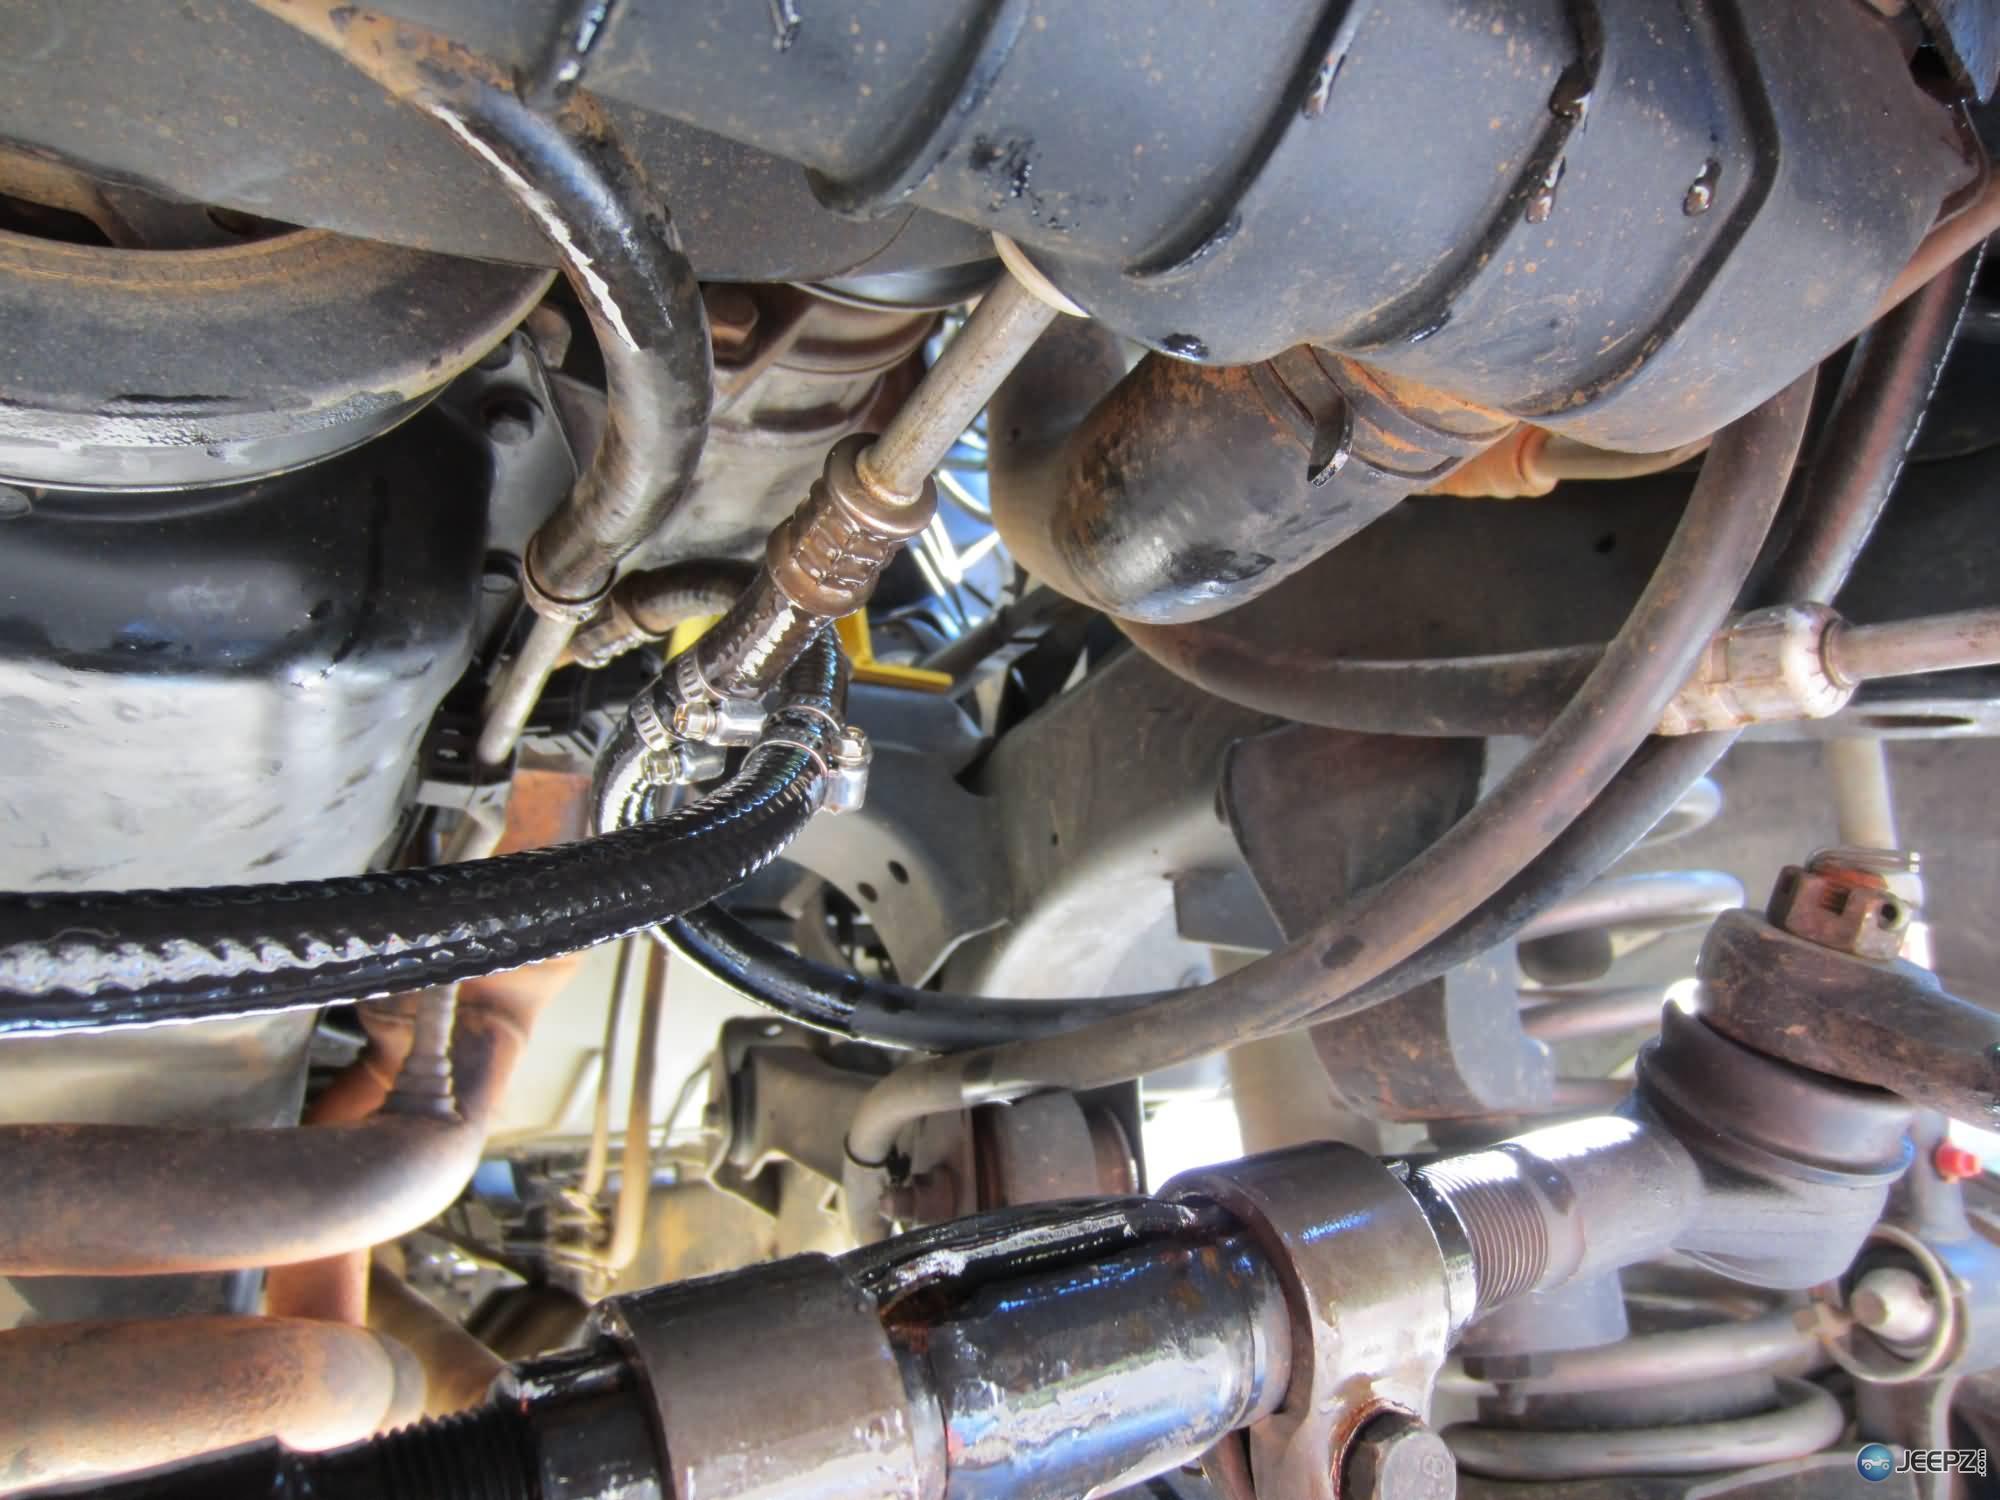 transmission cooler install Jeep Wrangler Transmission Kickdown Cable transmission cooler install 20 plumbing wrangler trans cooler jpg